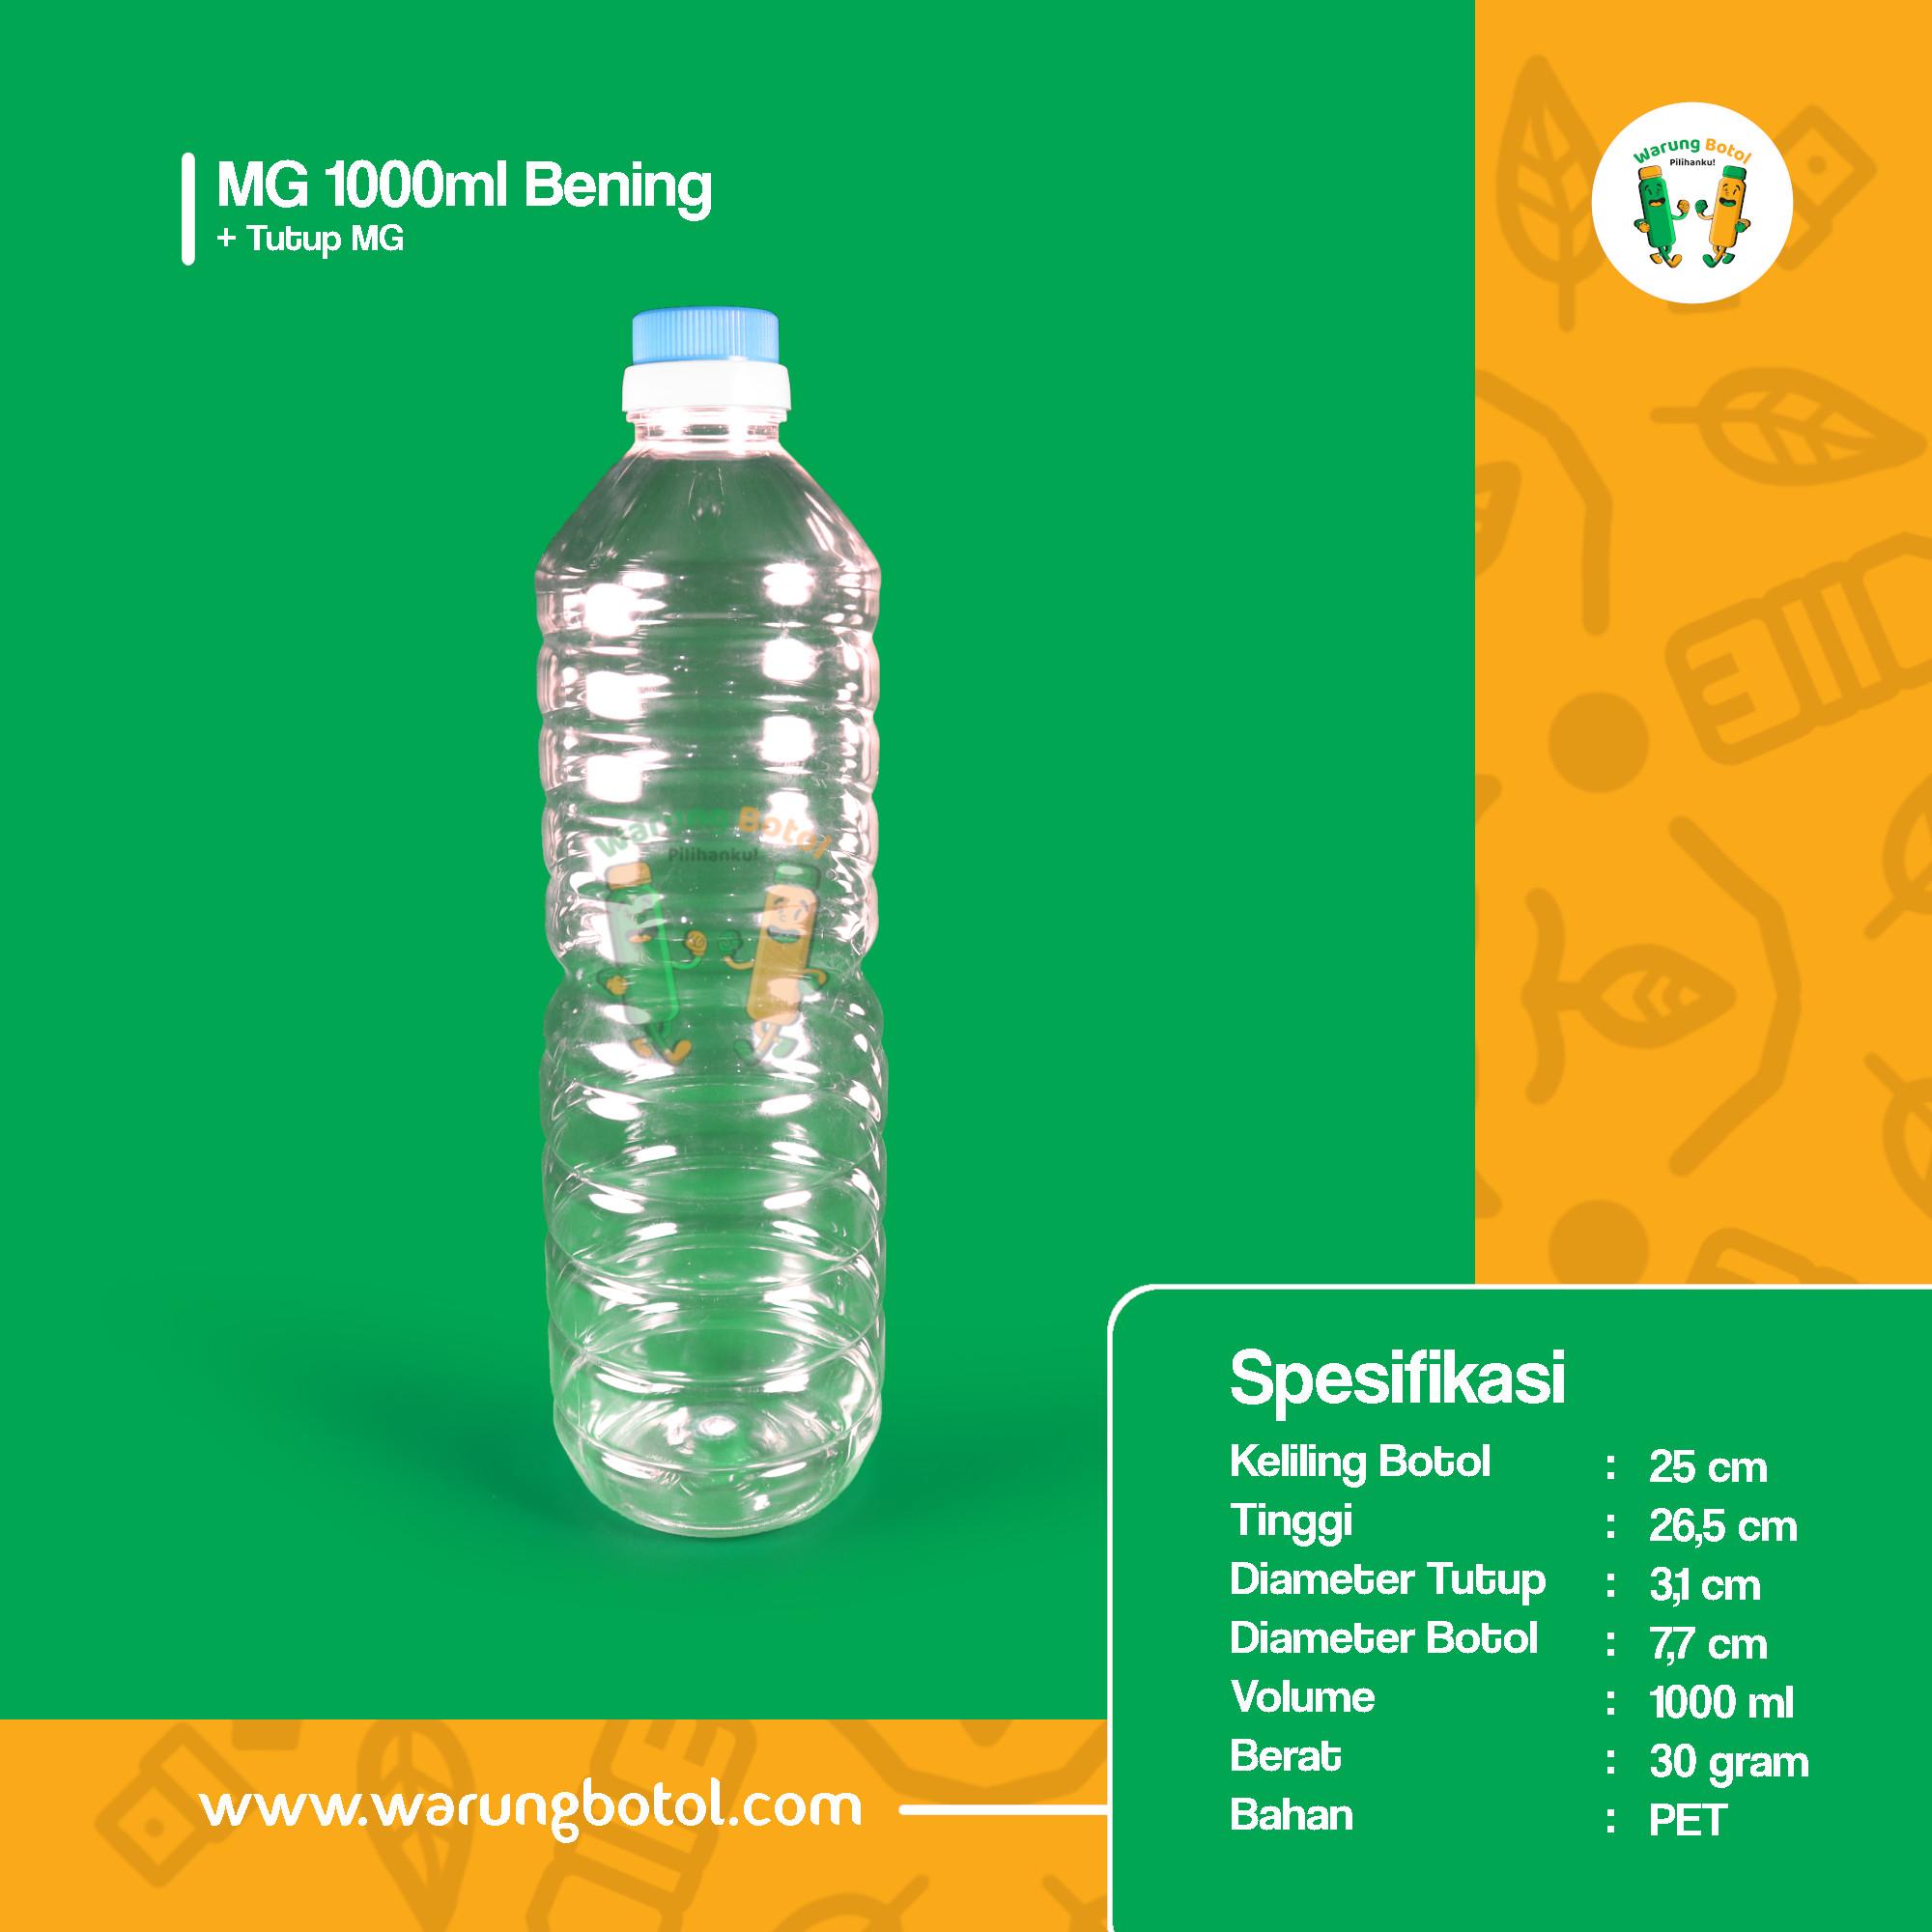 distributor toko jual botol plastik untuk minyak goreng 1000ml / 1 Liter bening murah terdekat di bandung, jakarta, bogor, bekasi